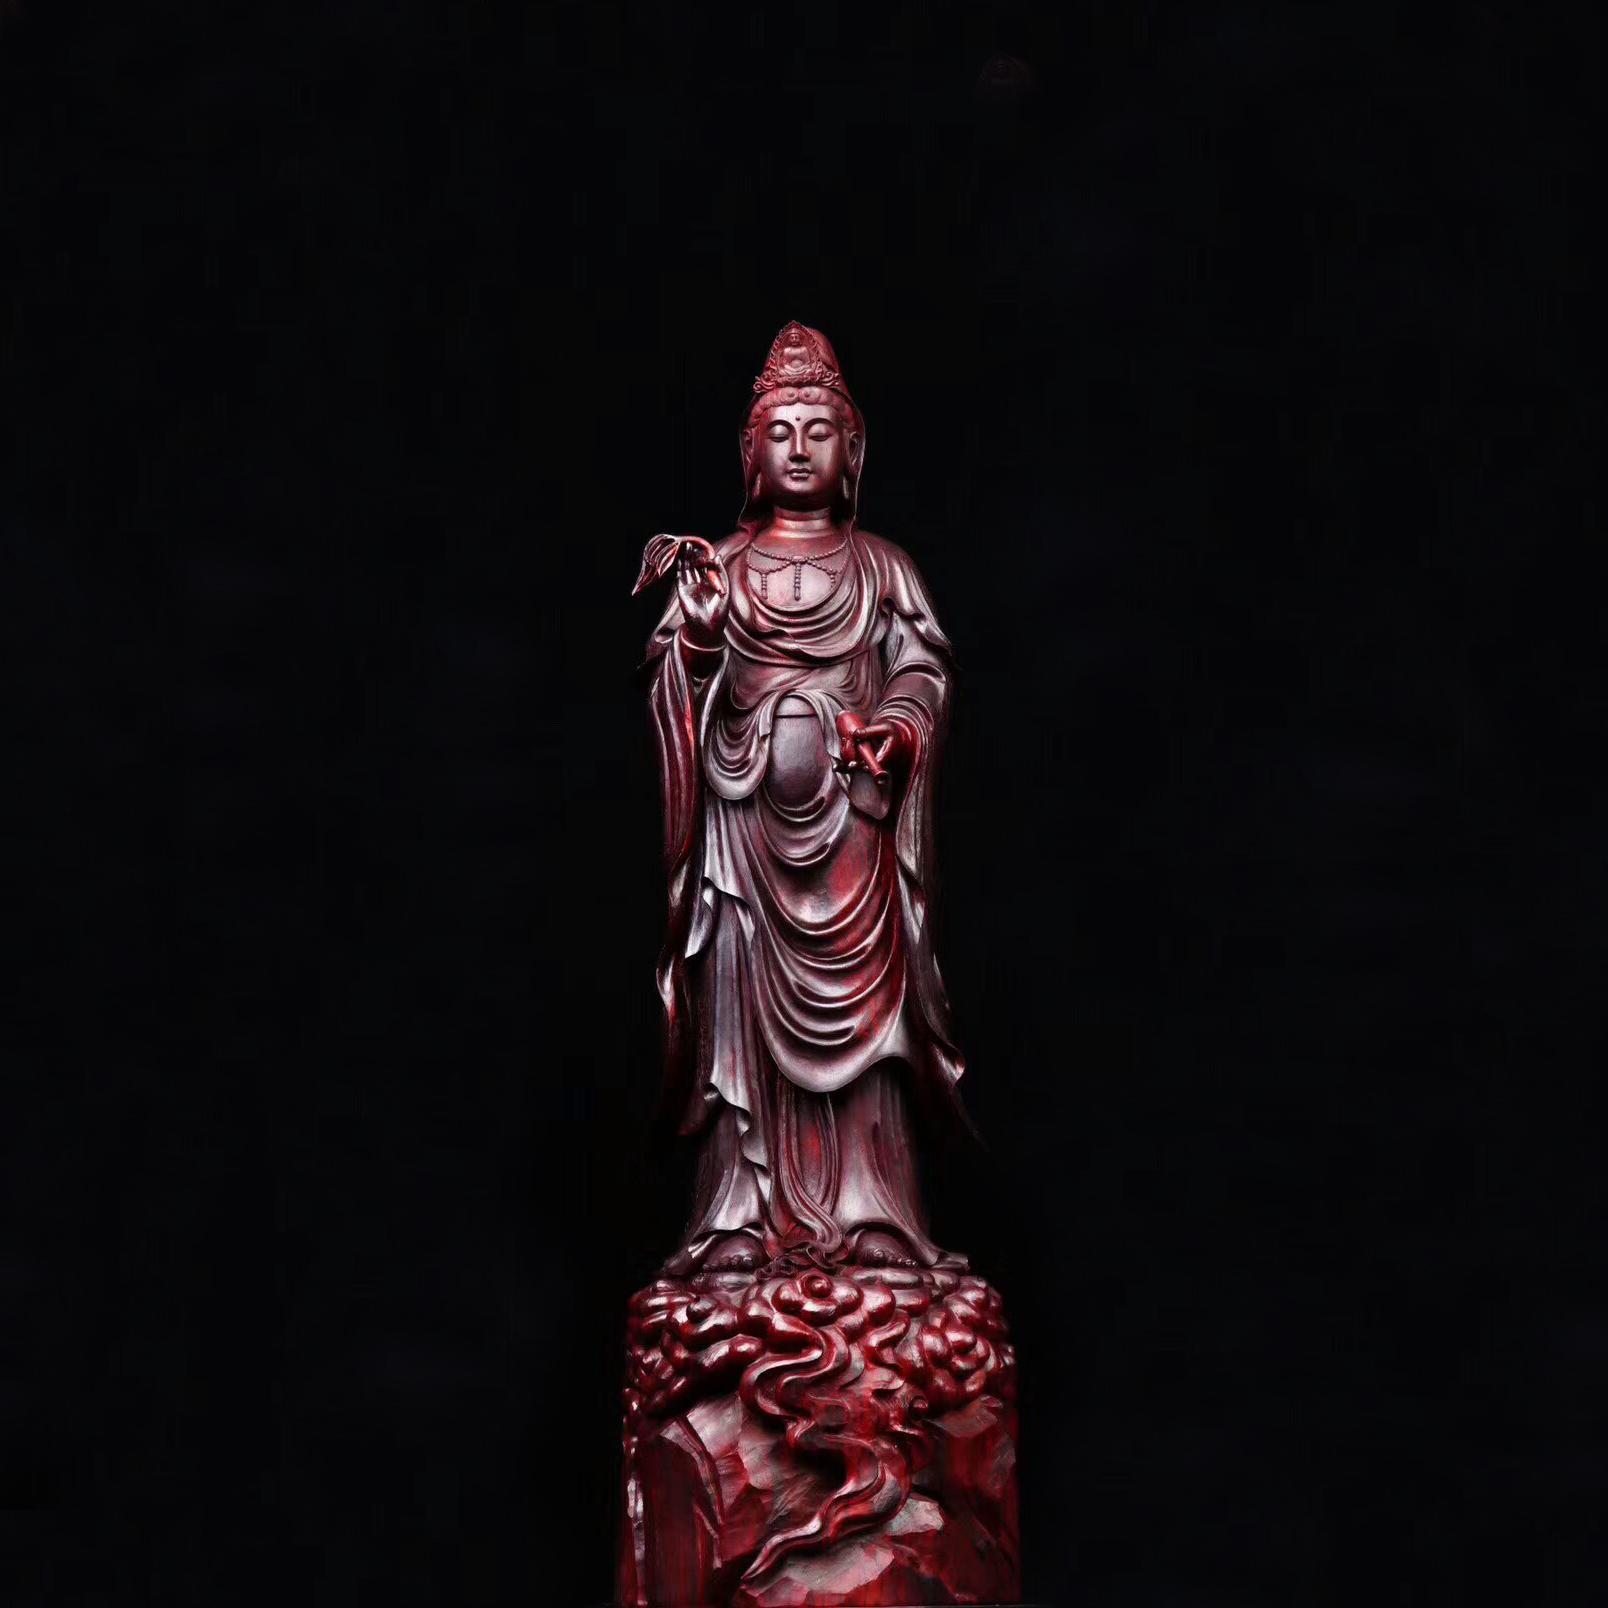 印度小叶紫檀木雕摆件